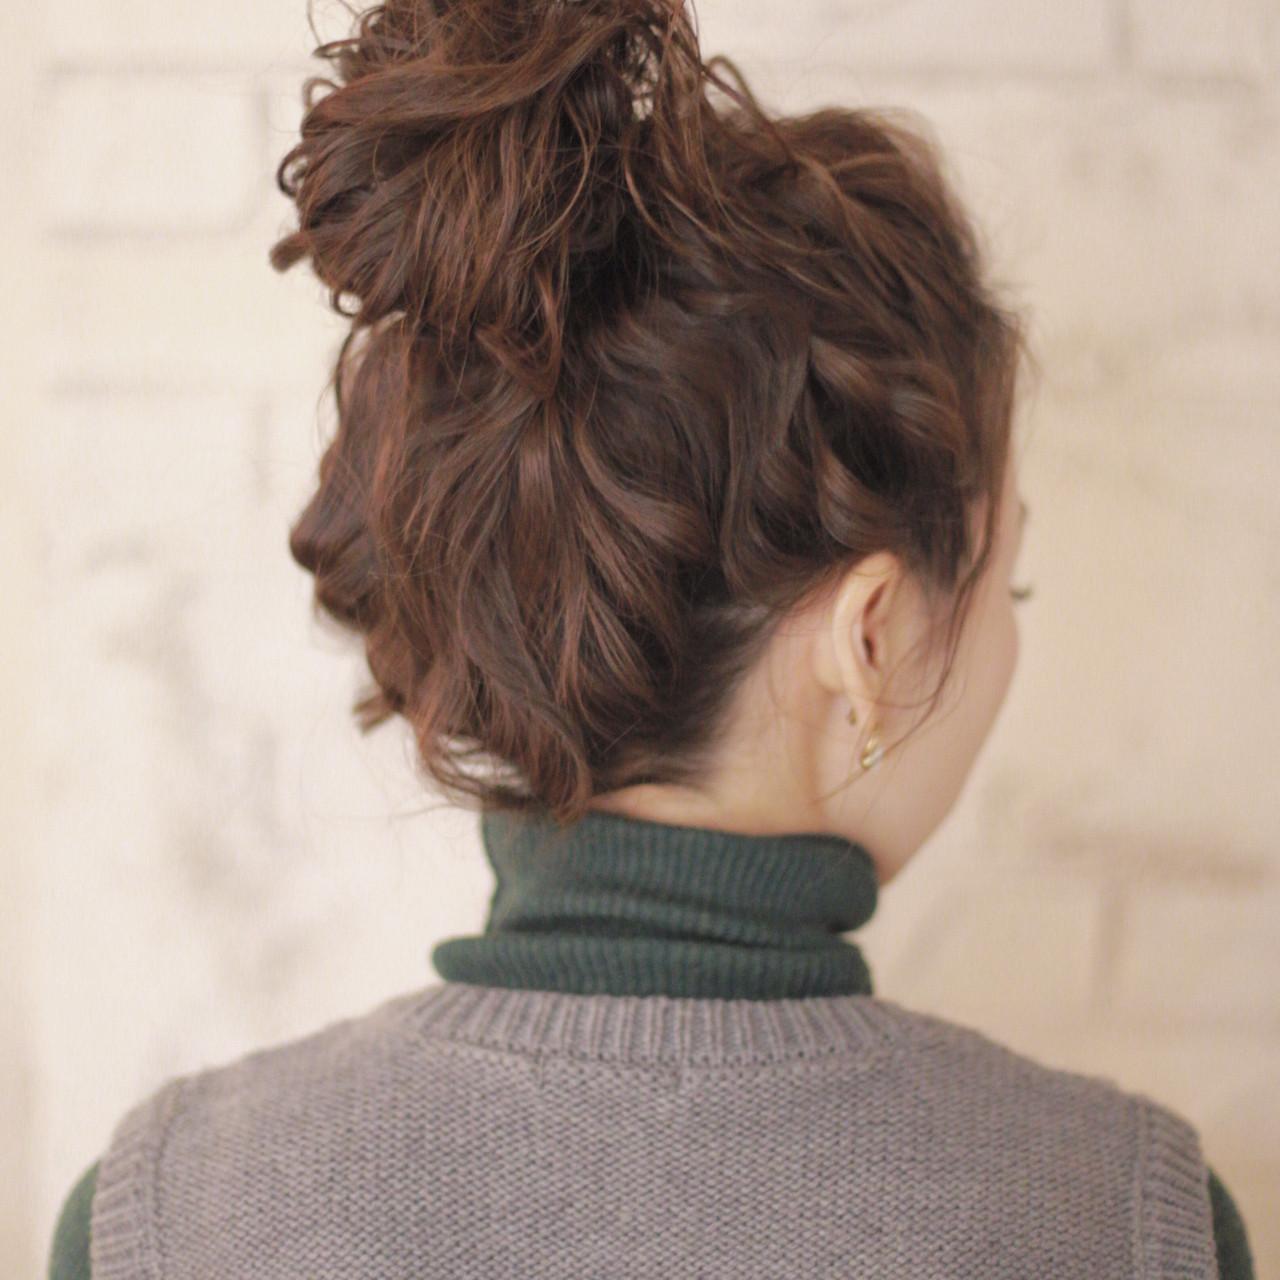 ミディアム フェミニン 簡単ヘアアレンジ ショート ヘアスタイルや髪型の写真・画像 | 廣田哲也 / nalu hair